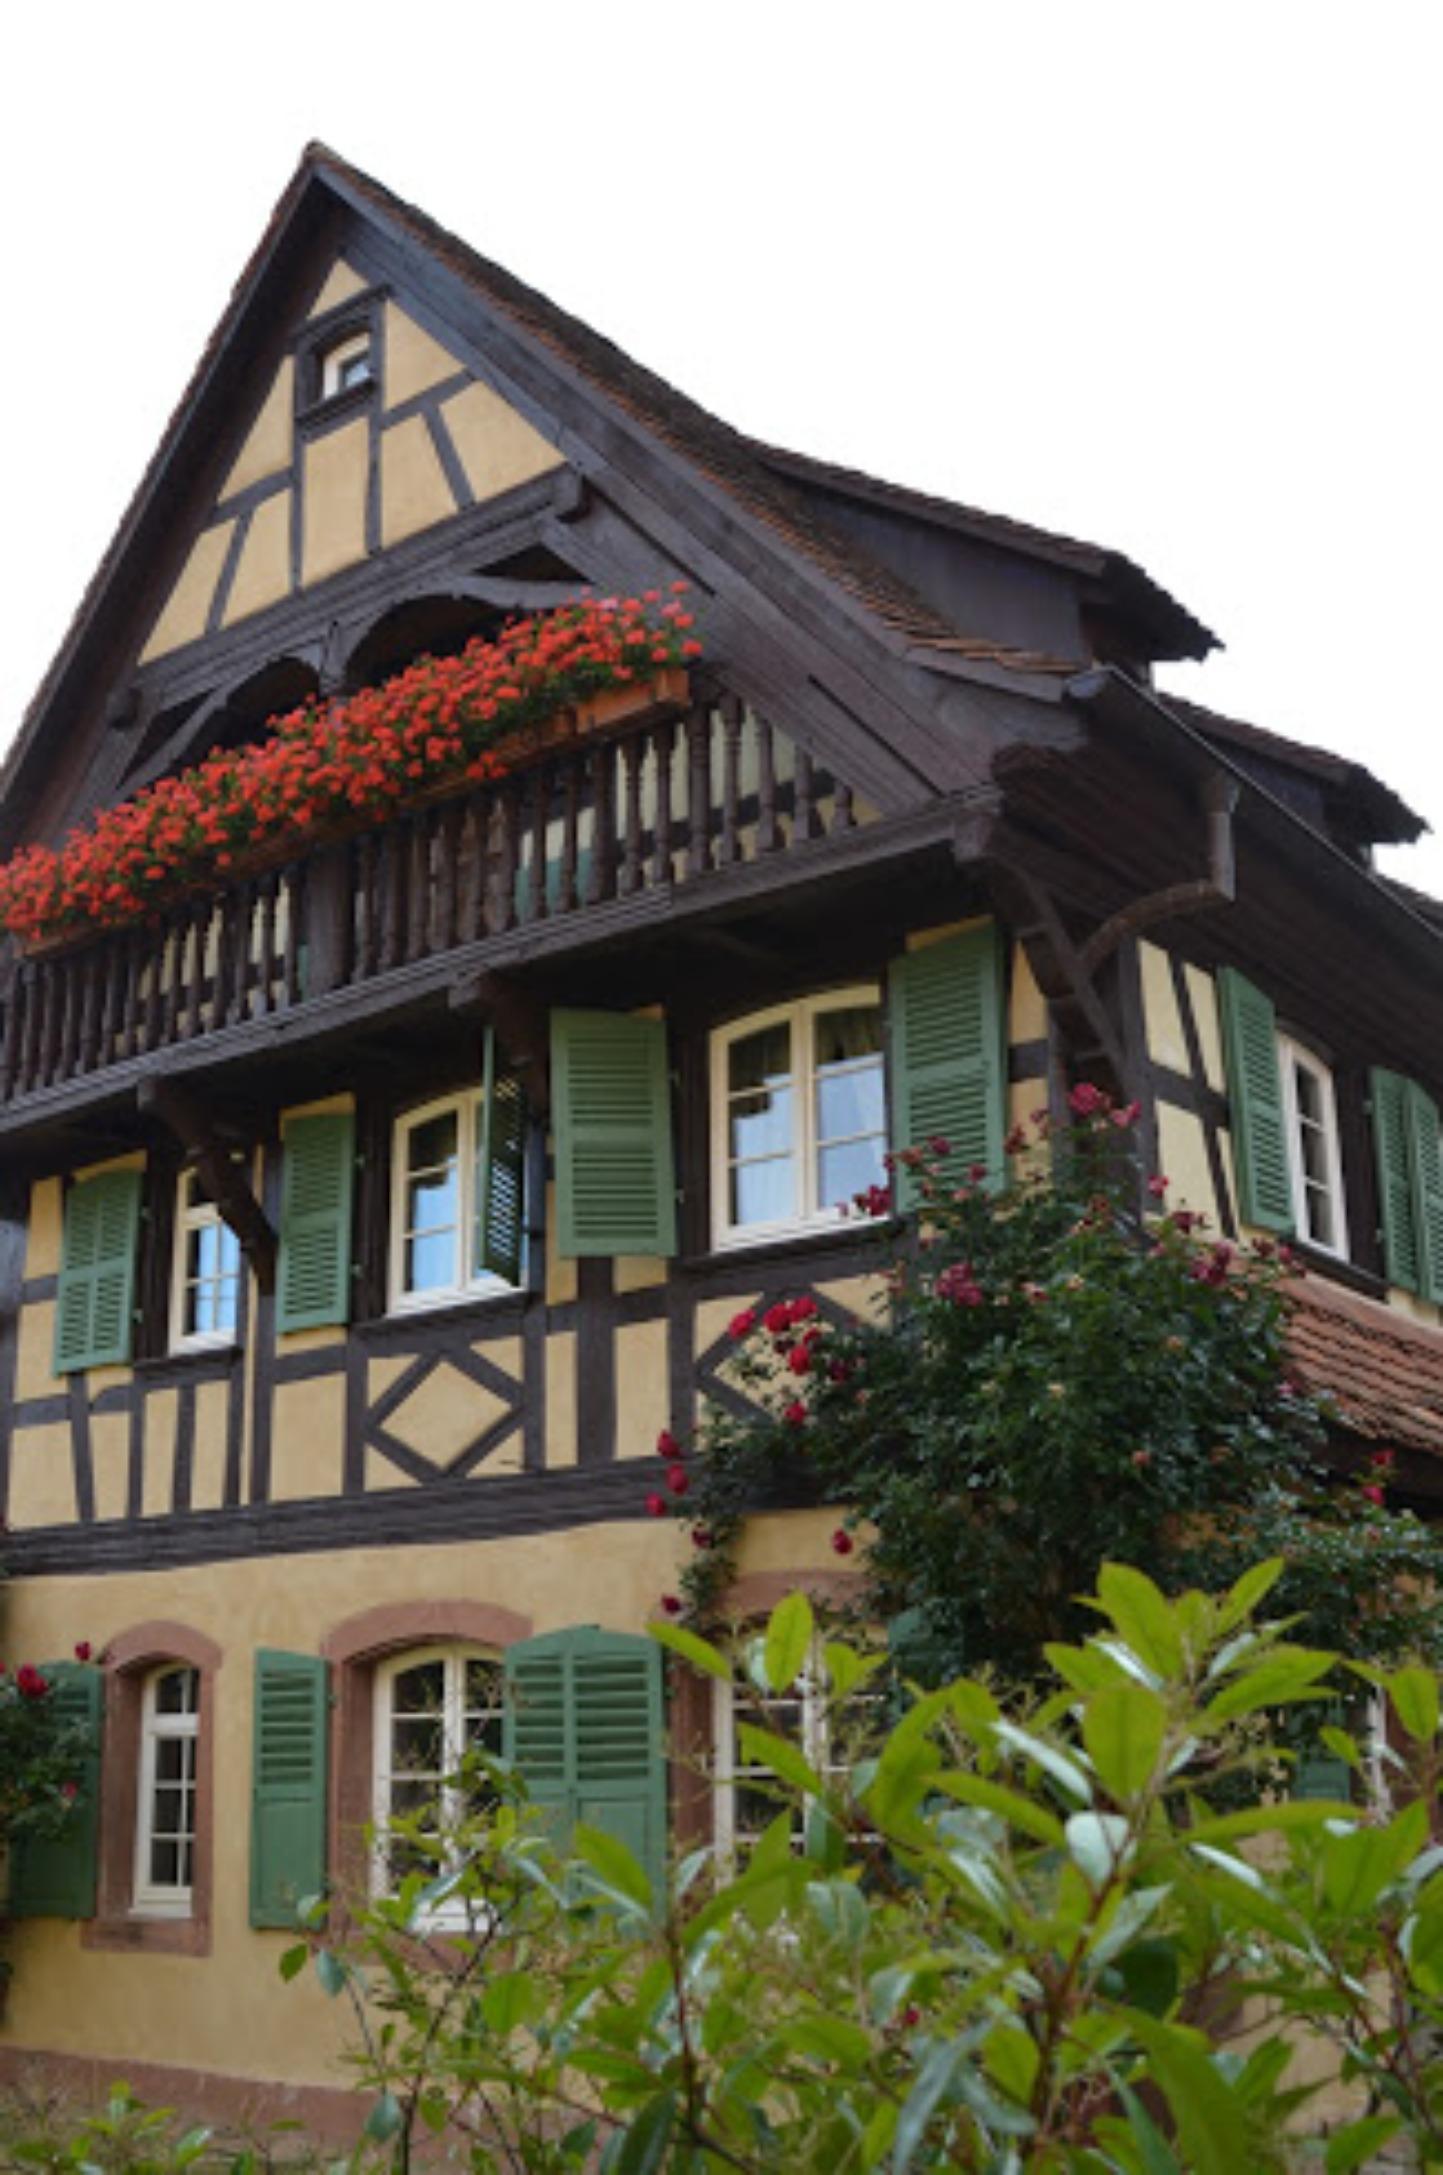 A house that has a sign on the side of a building at Maison d'hôtes Au fil du temps.